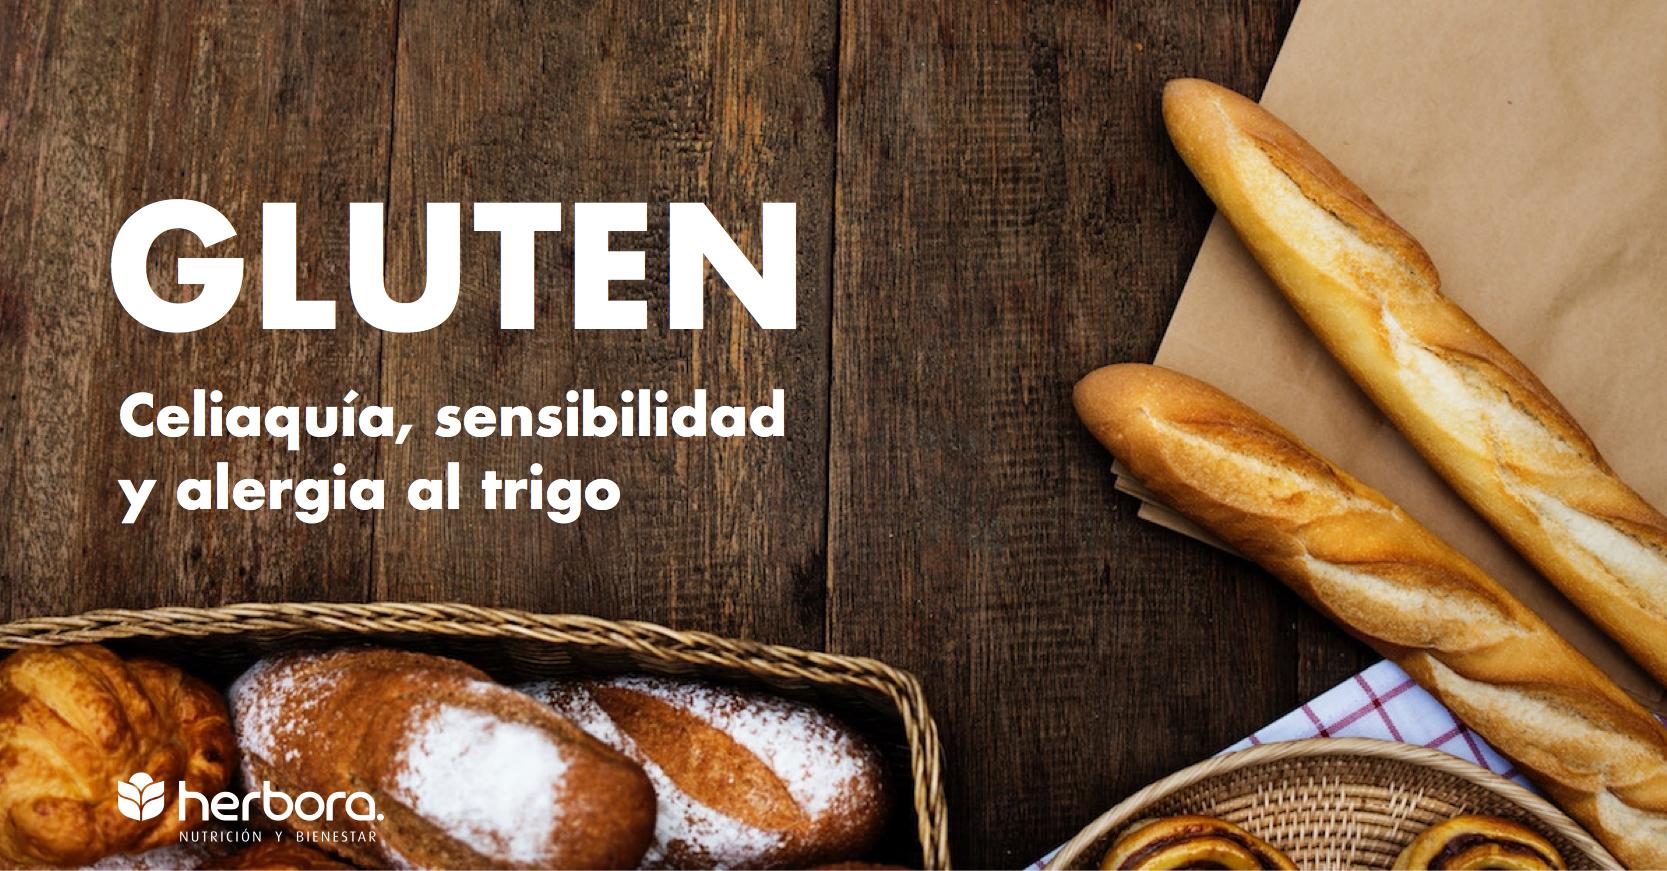 Gluten; Diferencias entre celiaquía, sensibilidad al gluten y alergia al trigo